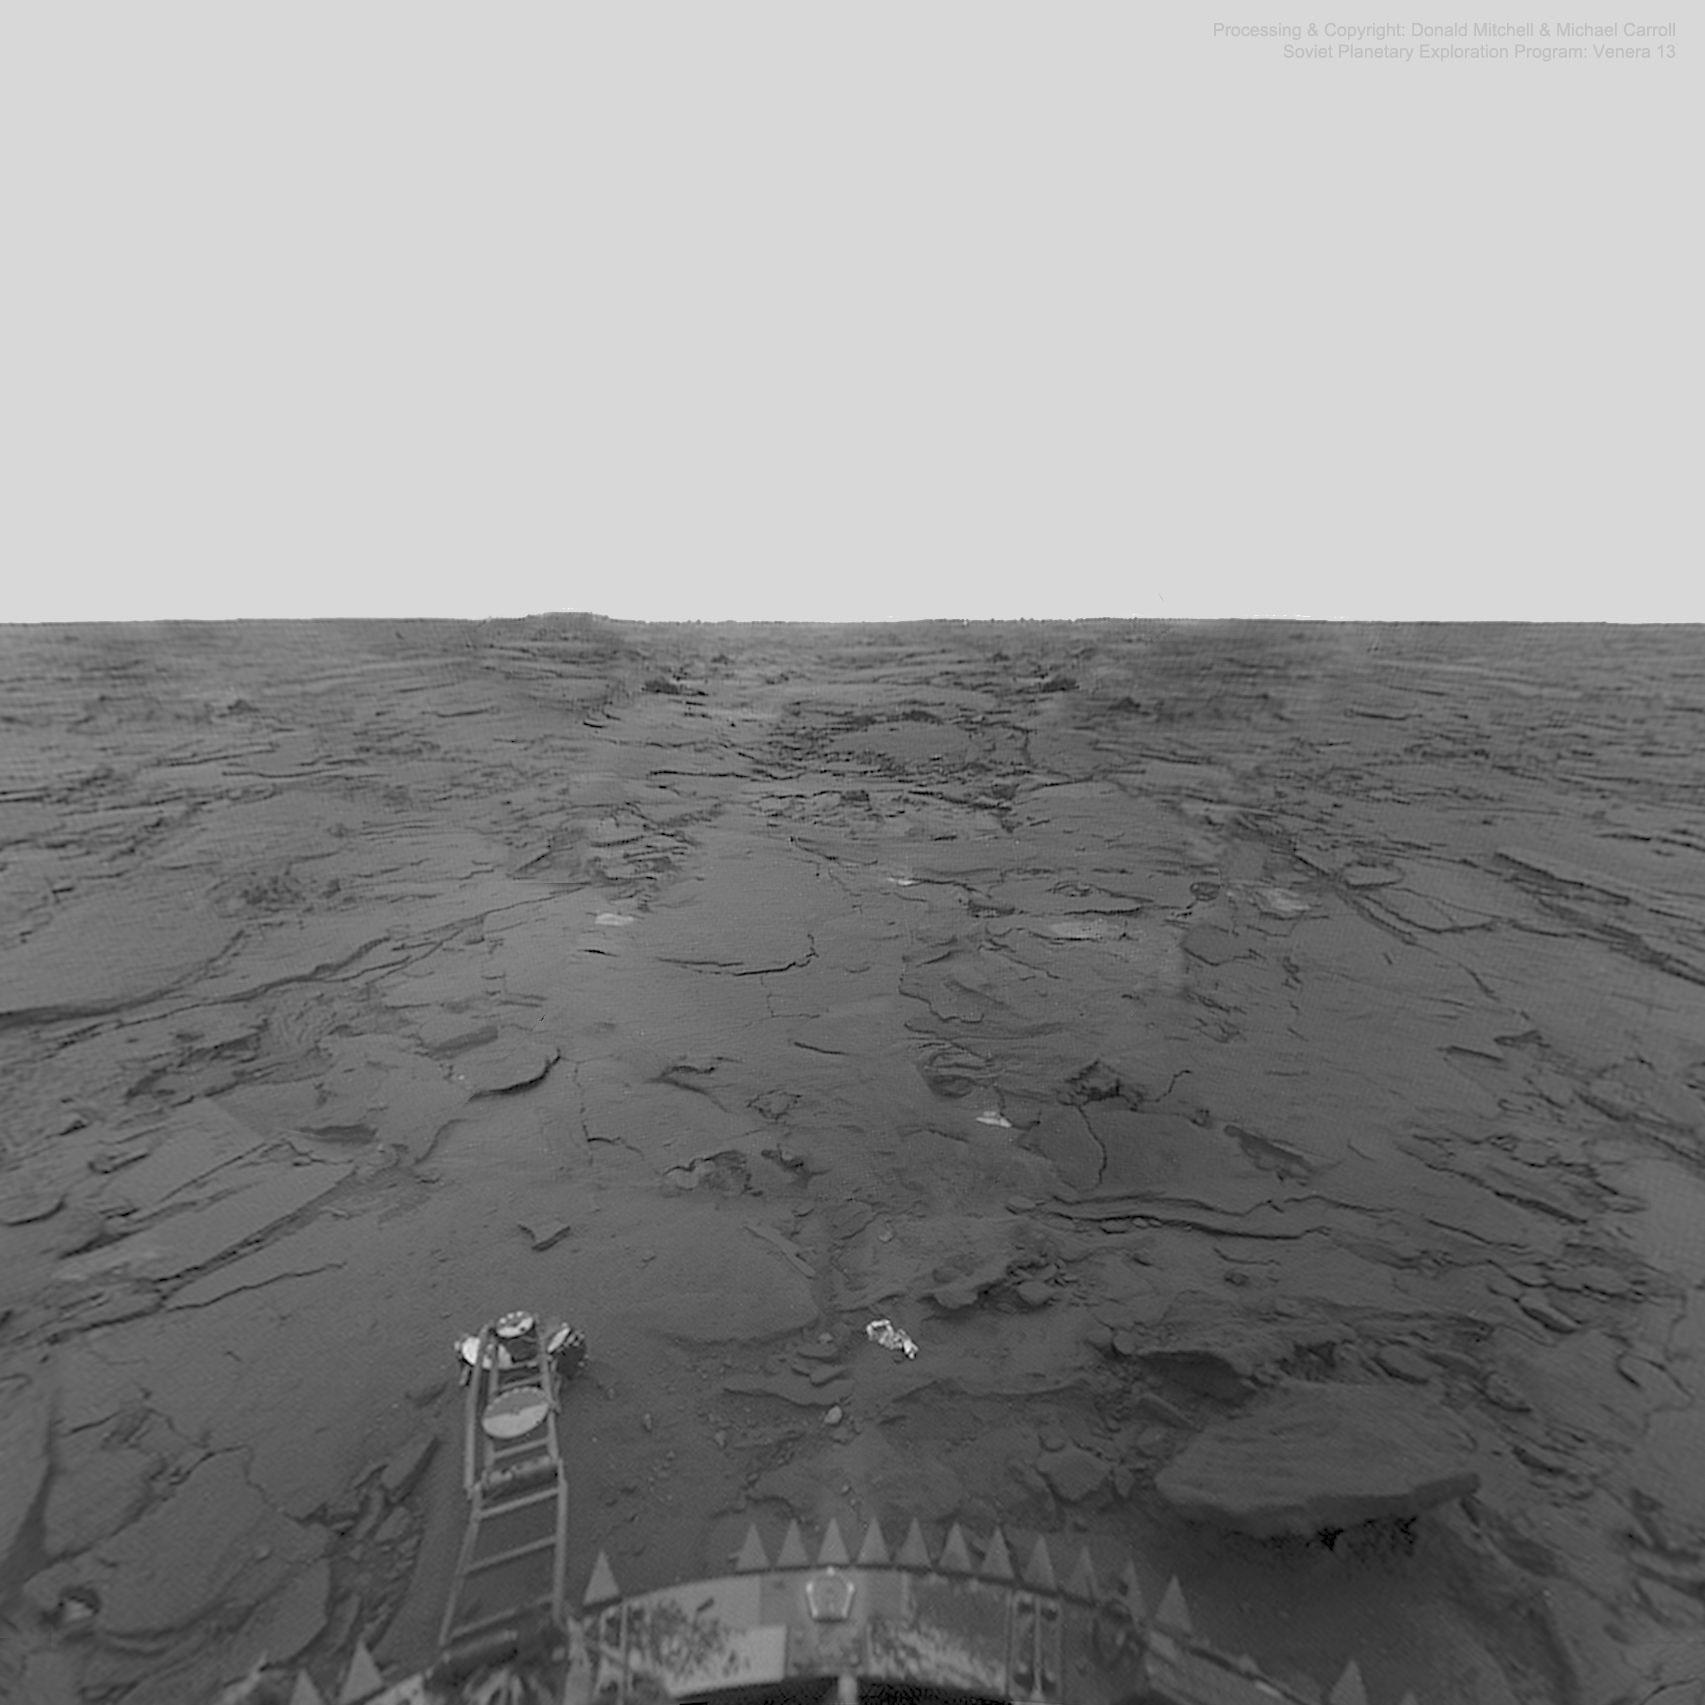 Ùi 金星 13 號看著 ê 金星表面 ft. 蔡老師 (20210317)